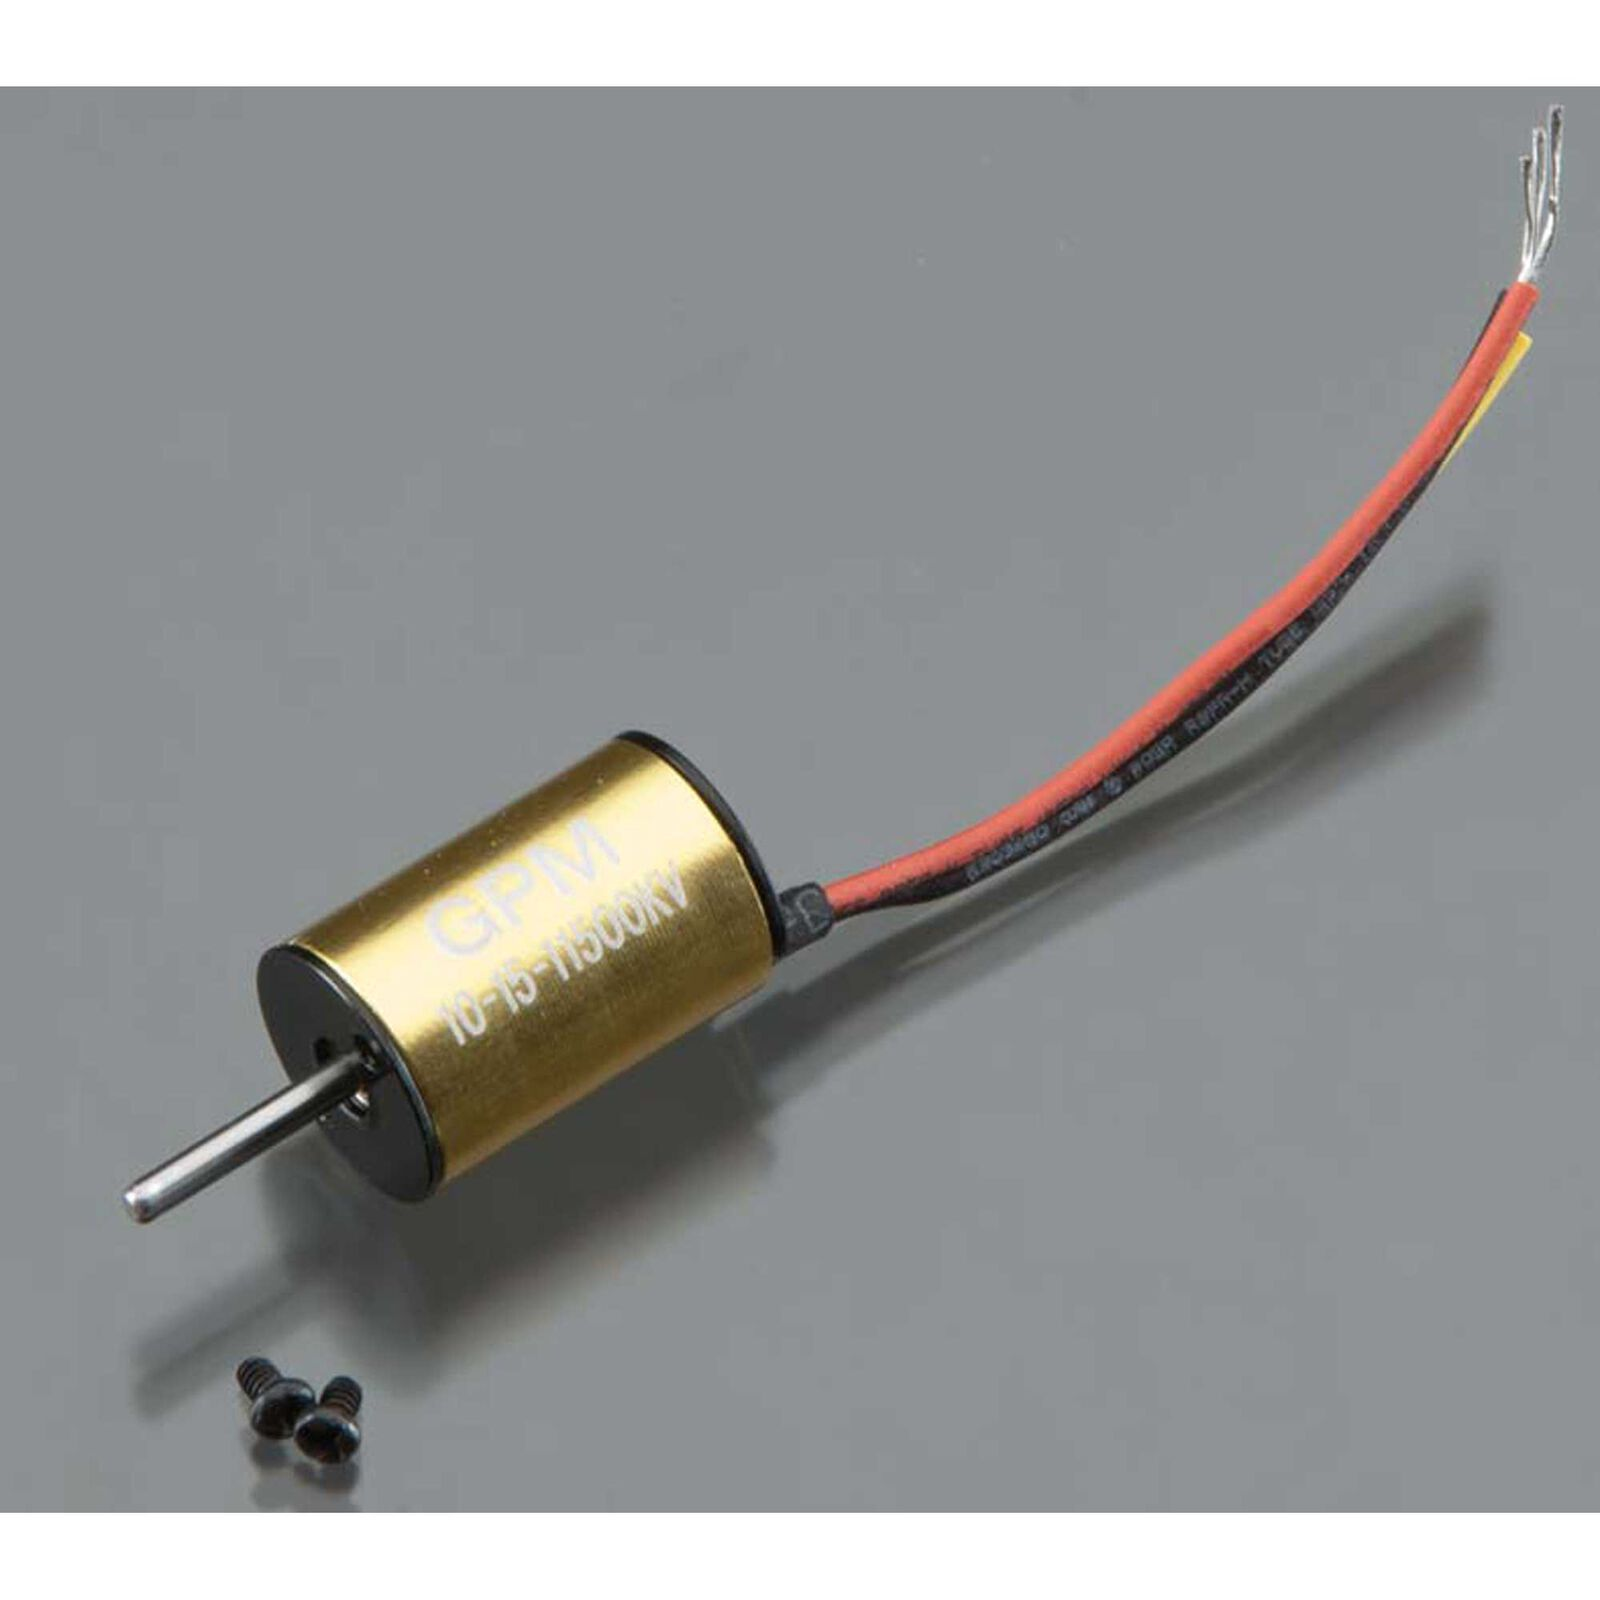 Electrifly 10-15-11500kV 2 Pole Brushless Motor